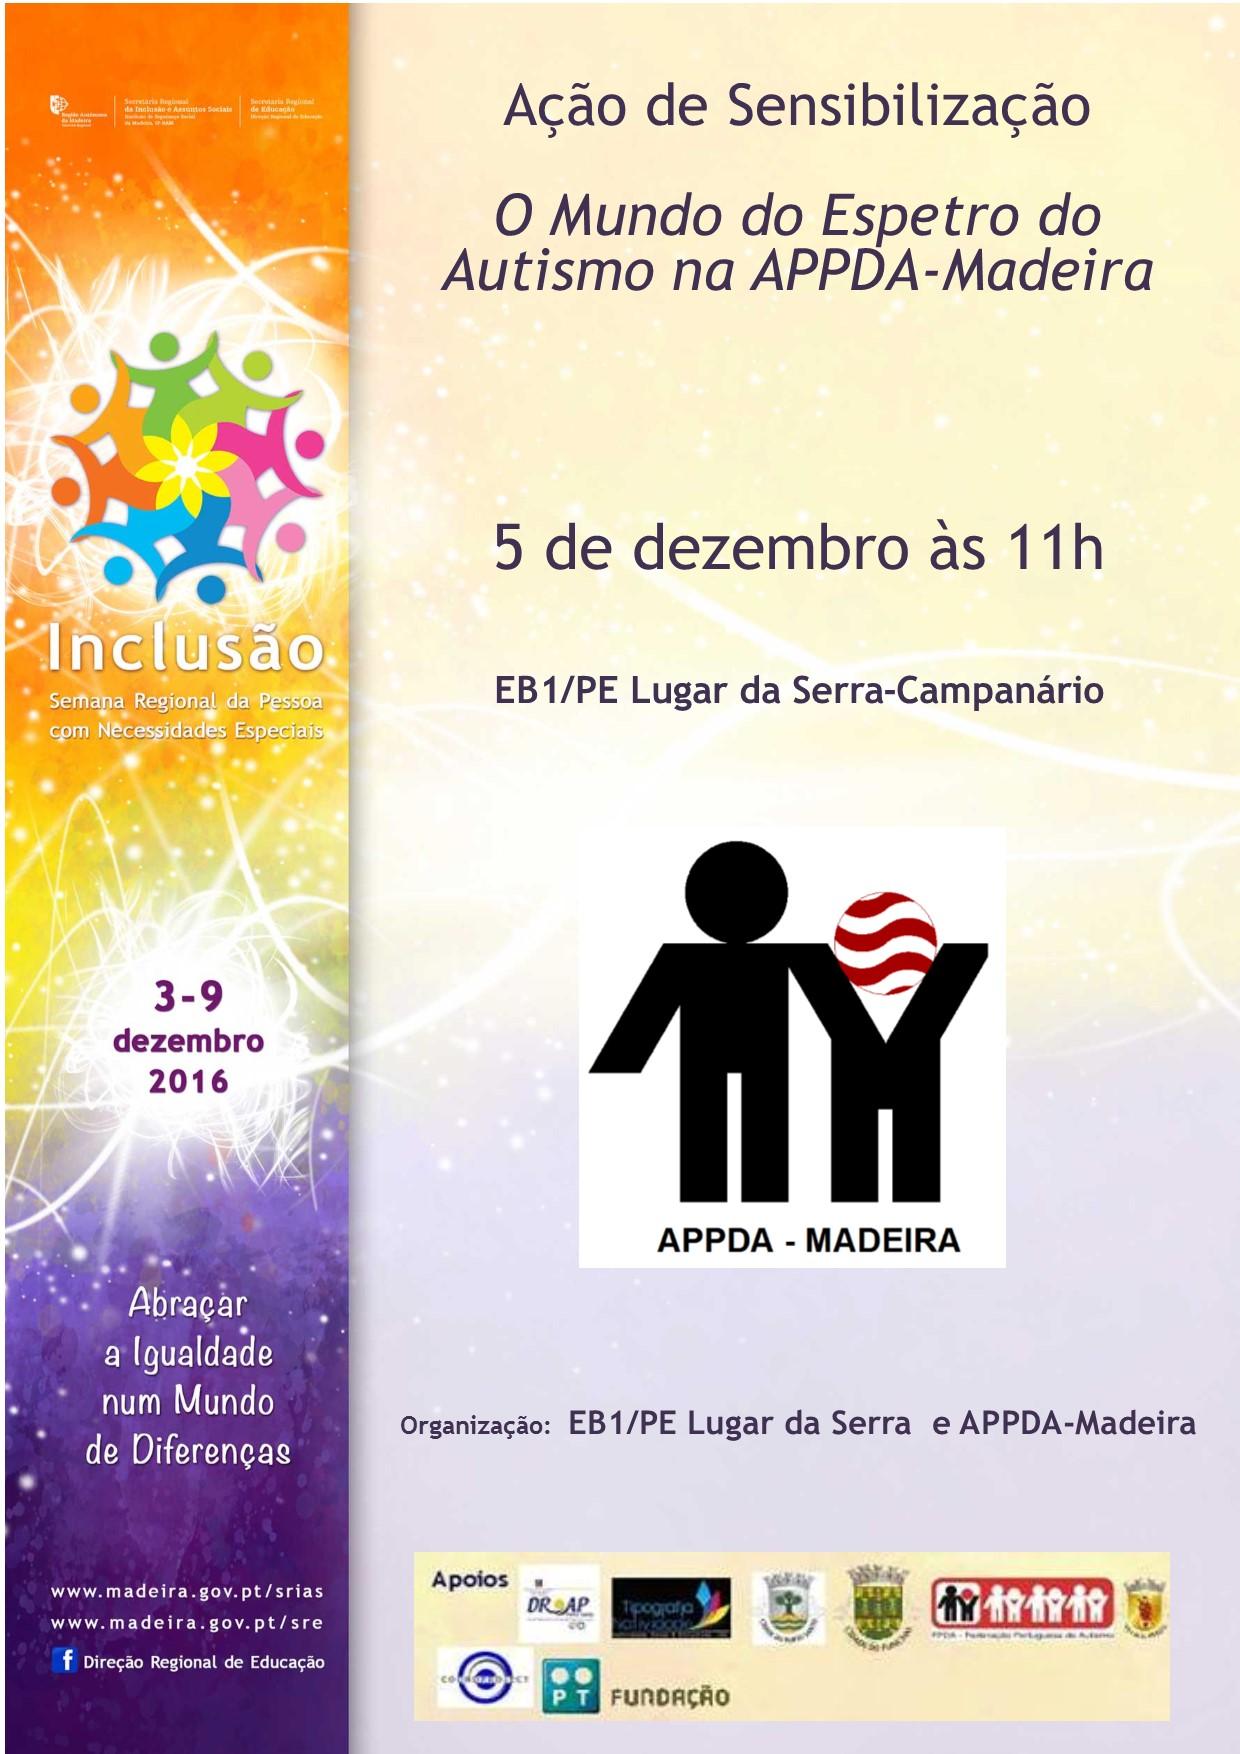 EB1/PE Lugar Serra-Campanario